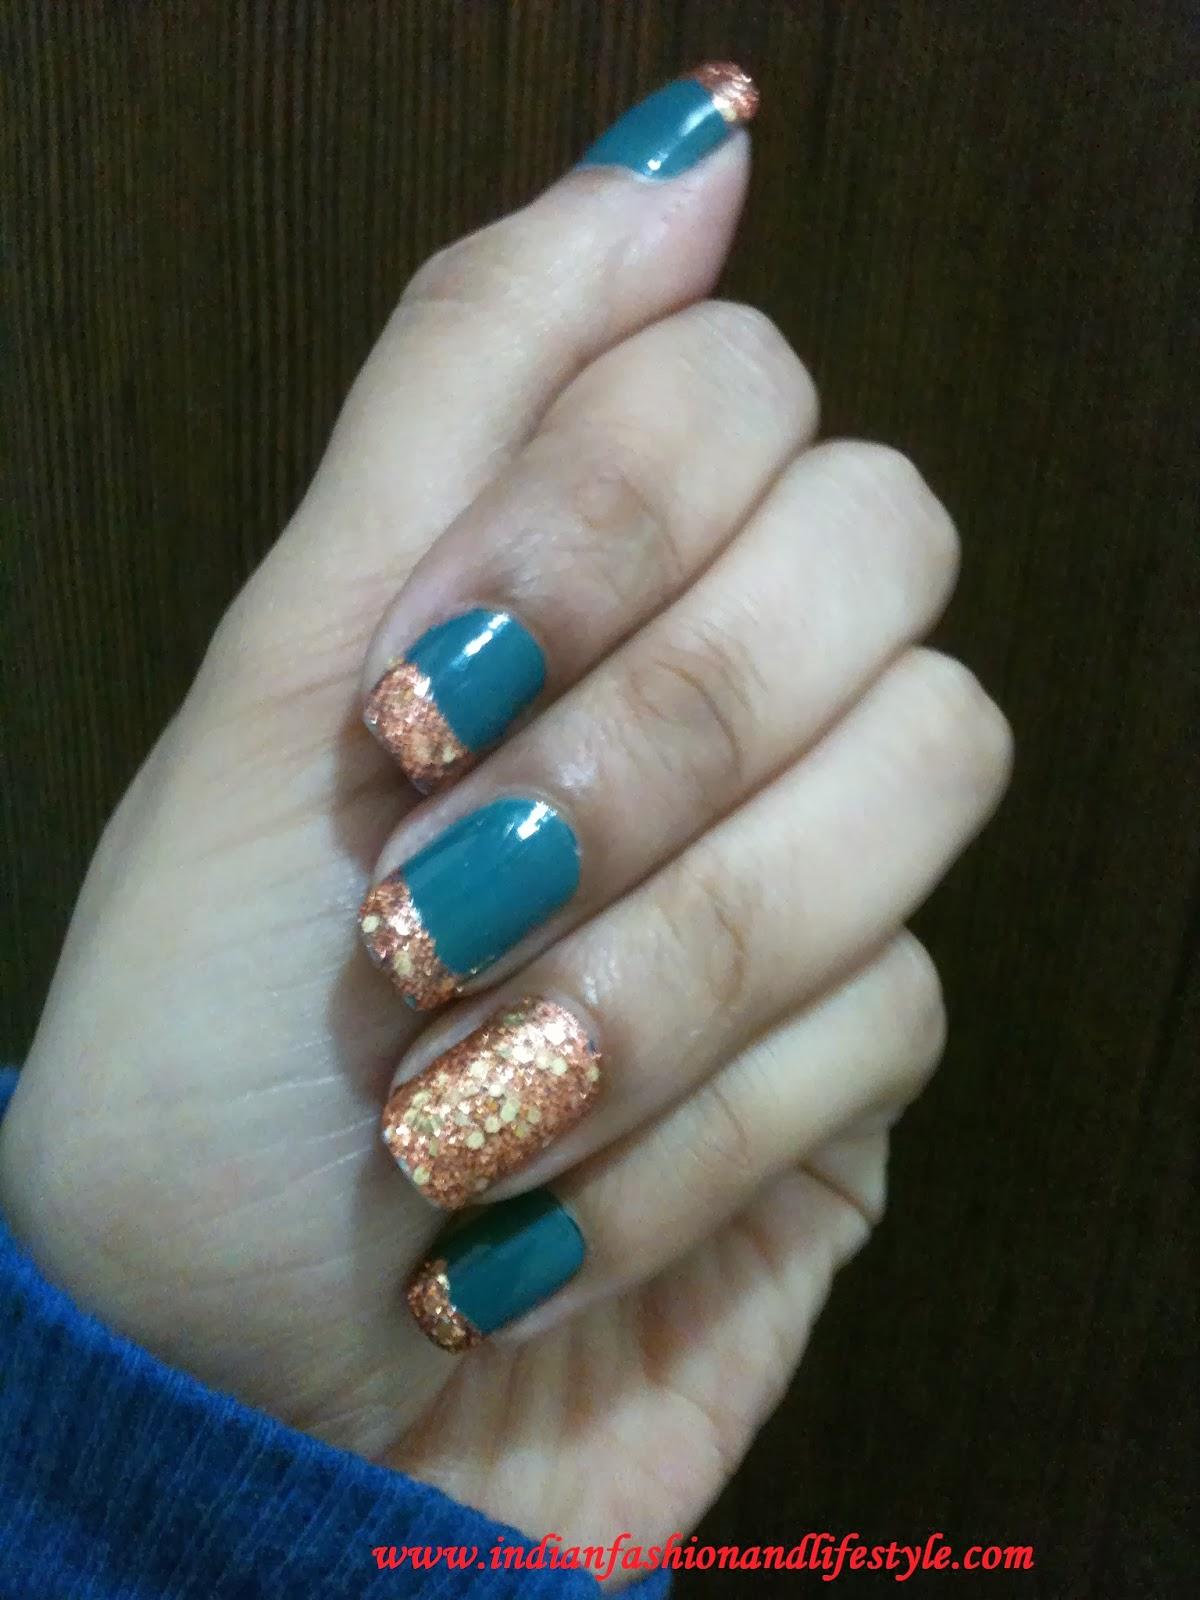 NOTD: L'Oreal Paris Color Riche nail enamels Copper cuff +